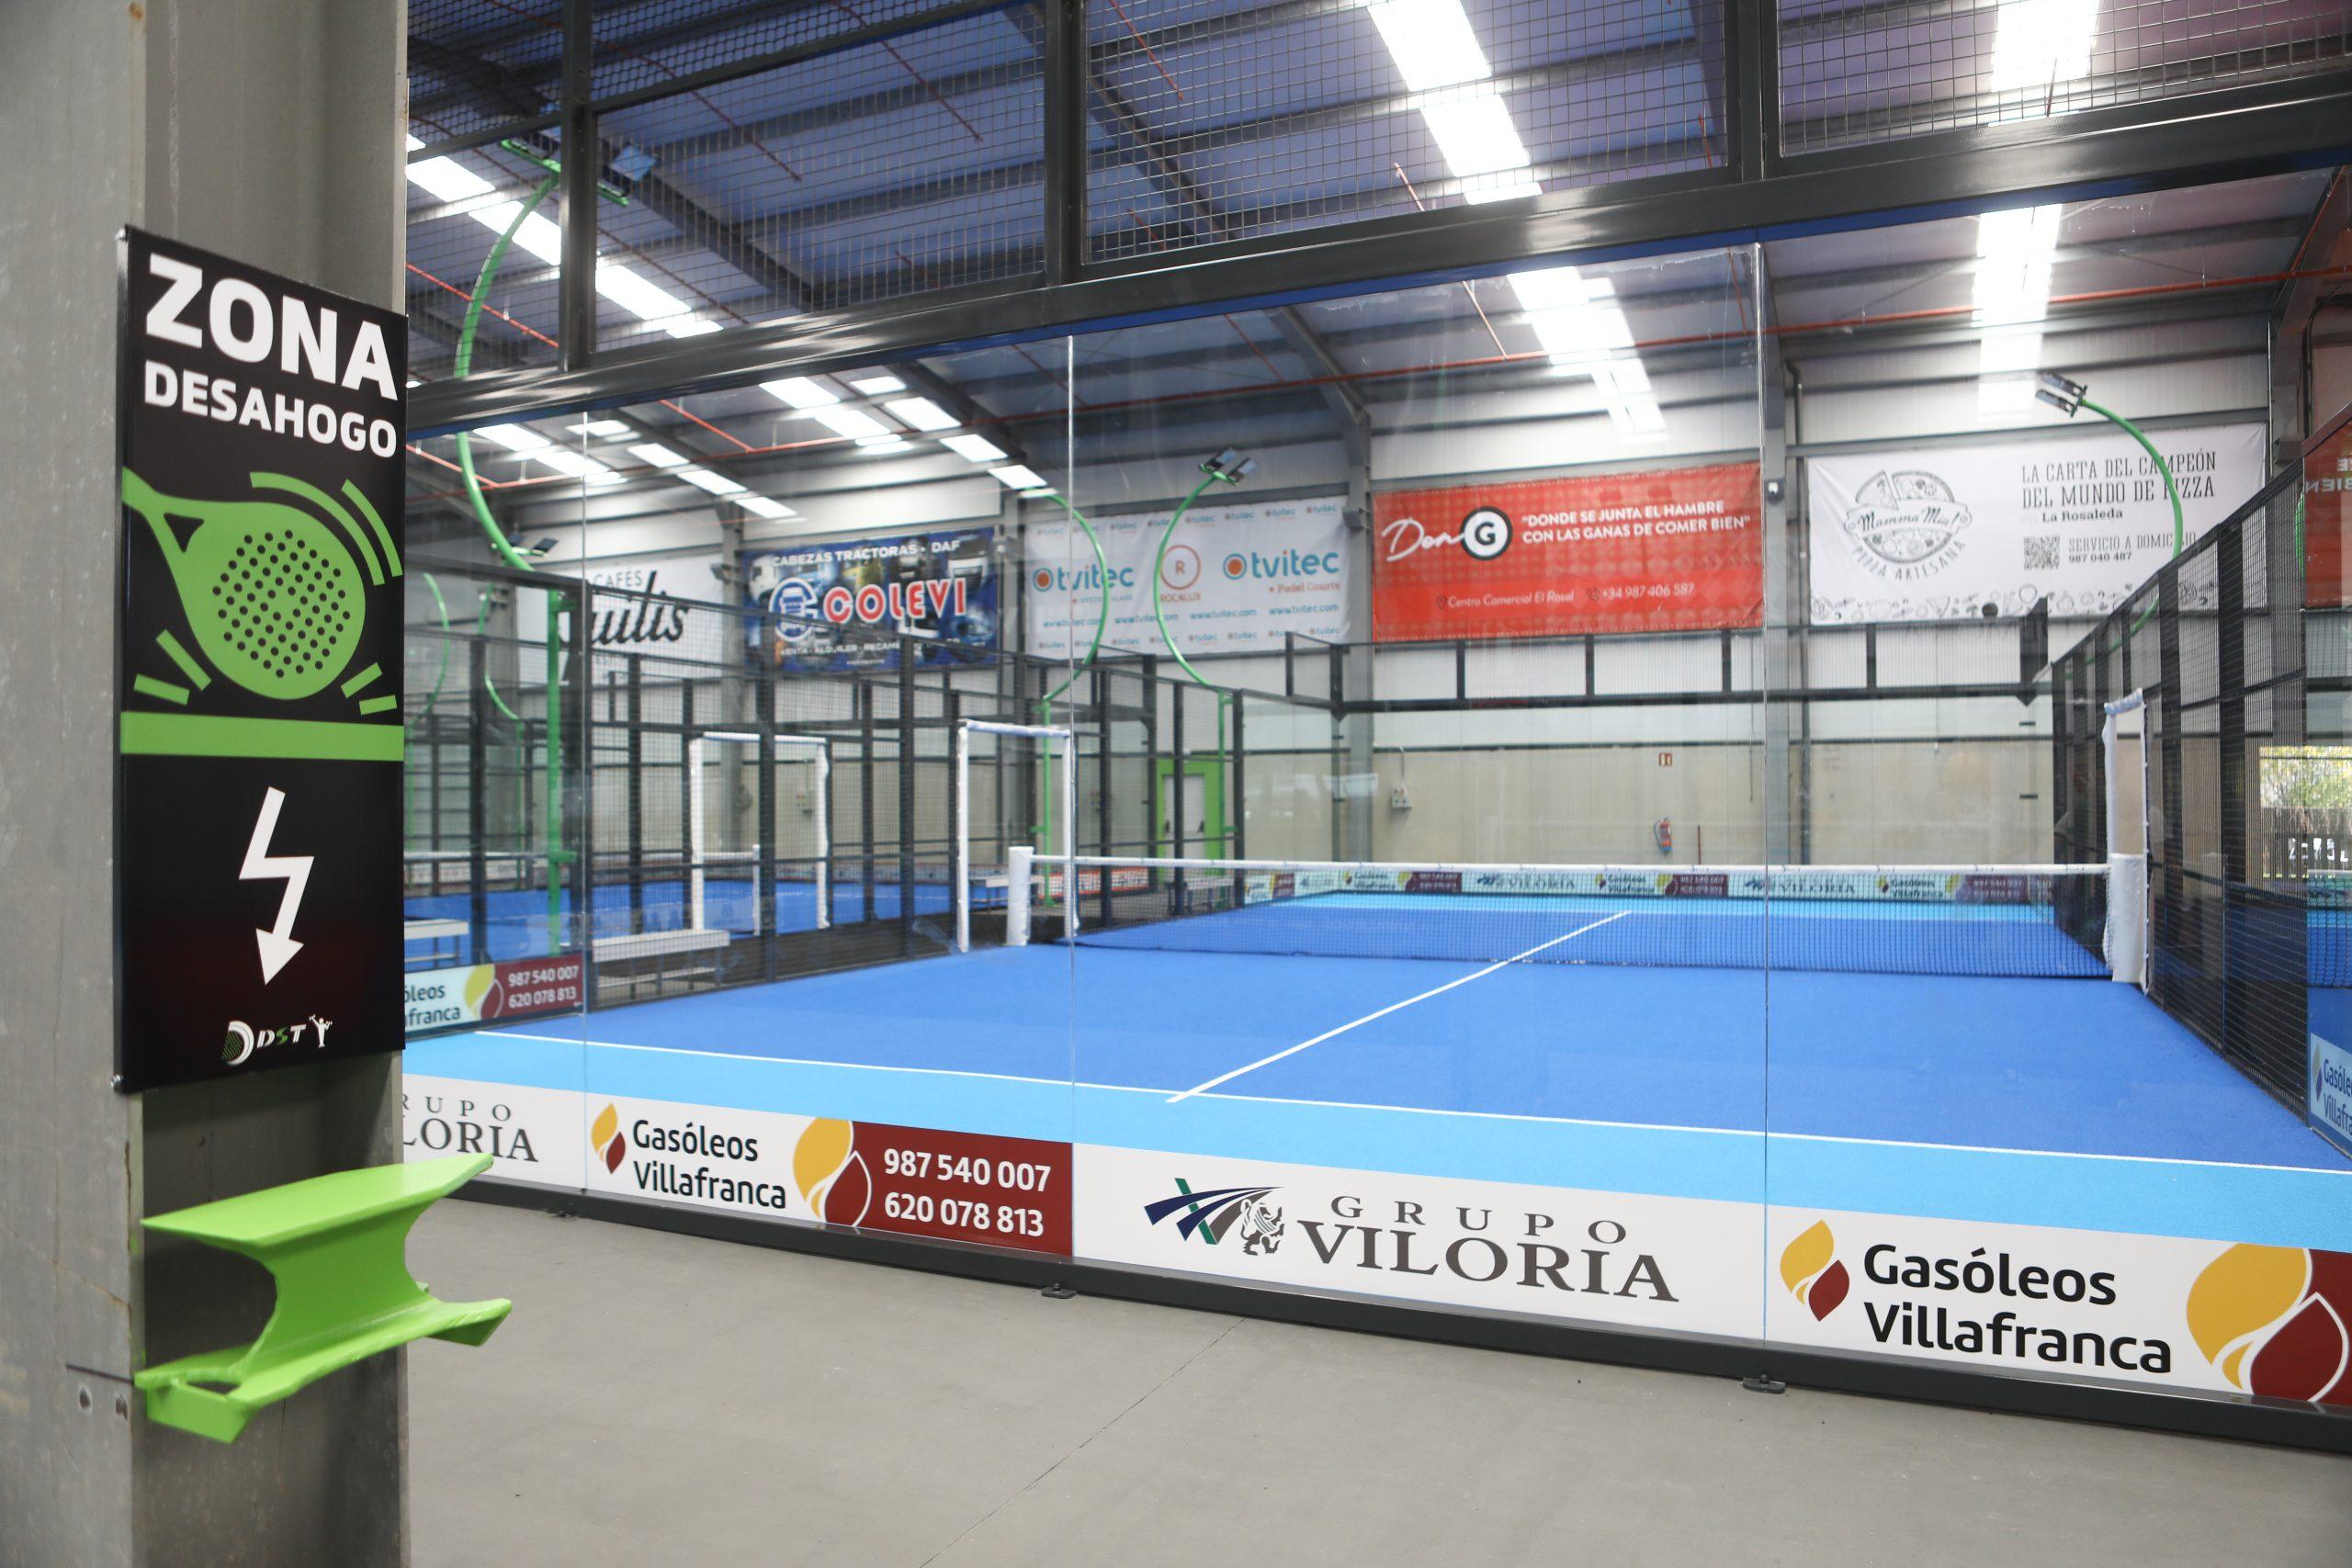 Abre en Bembibre DST Sport, un centro de práctica de pádel de alto rendimiento 12